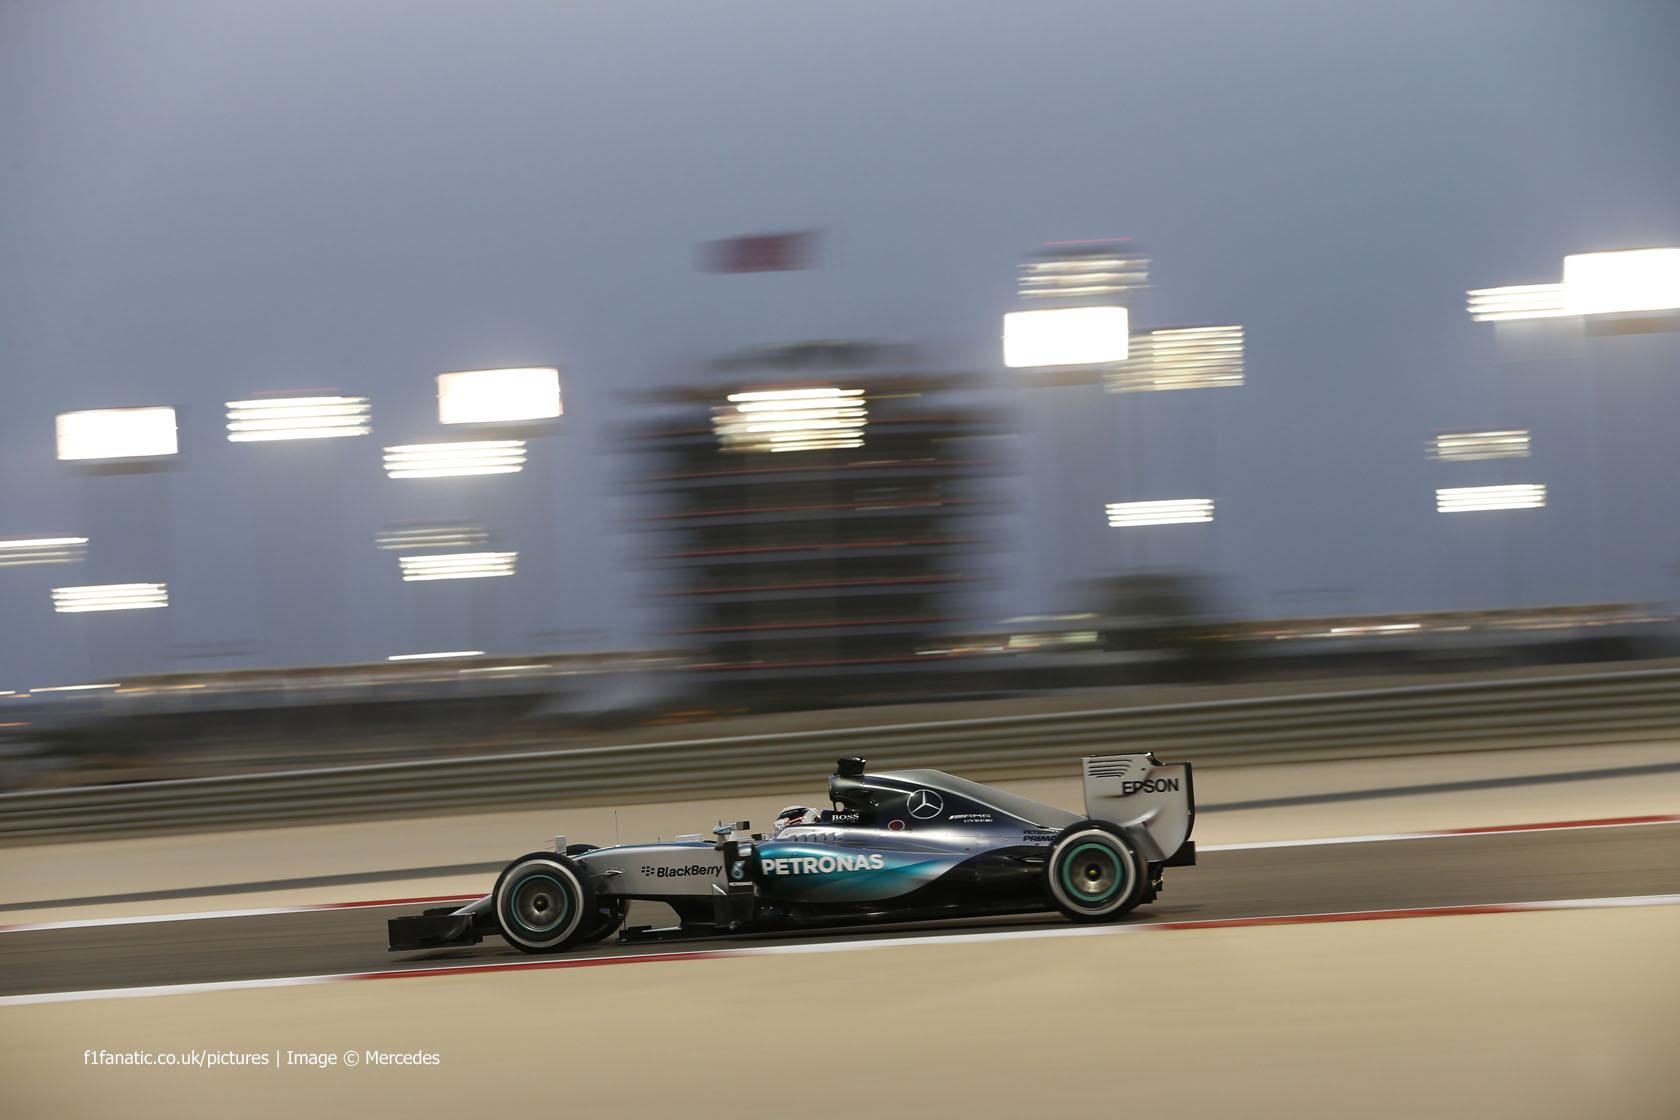 Hamilton wins, Raikkonen snatches second in Bahrain · RaceFans